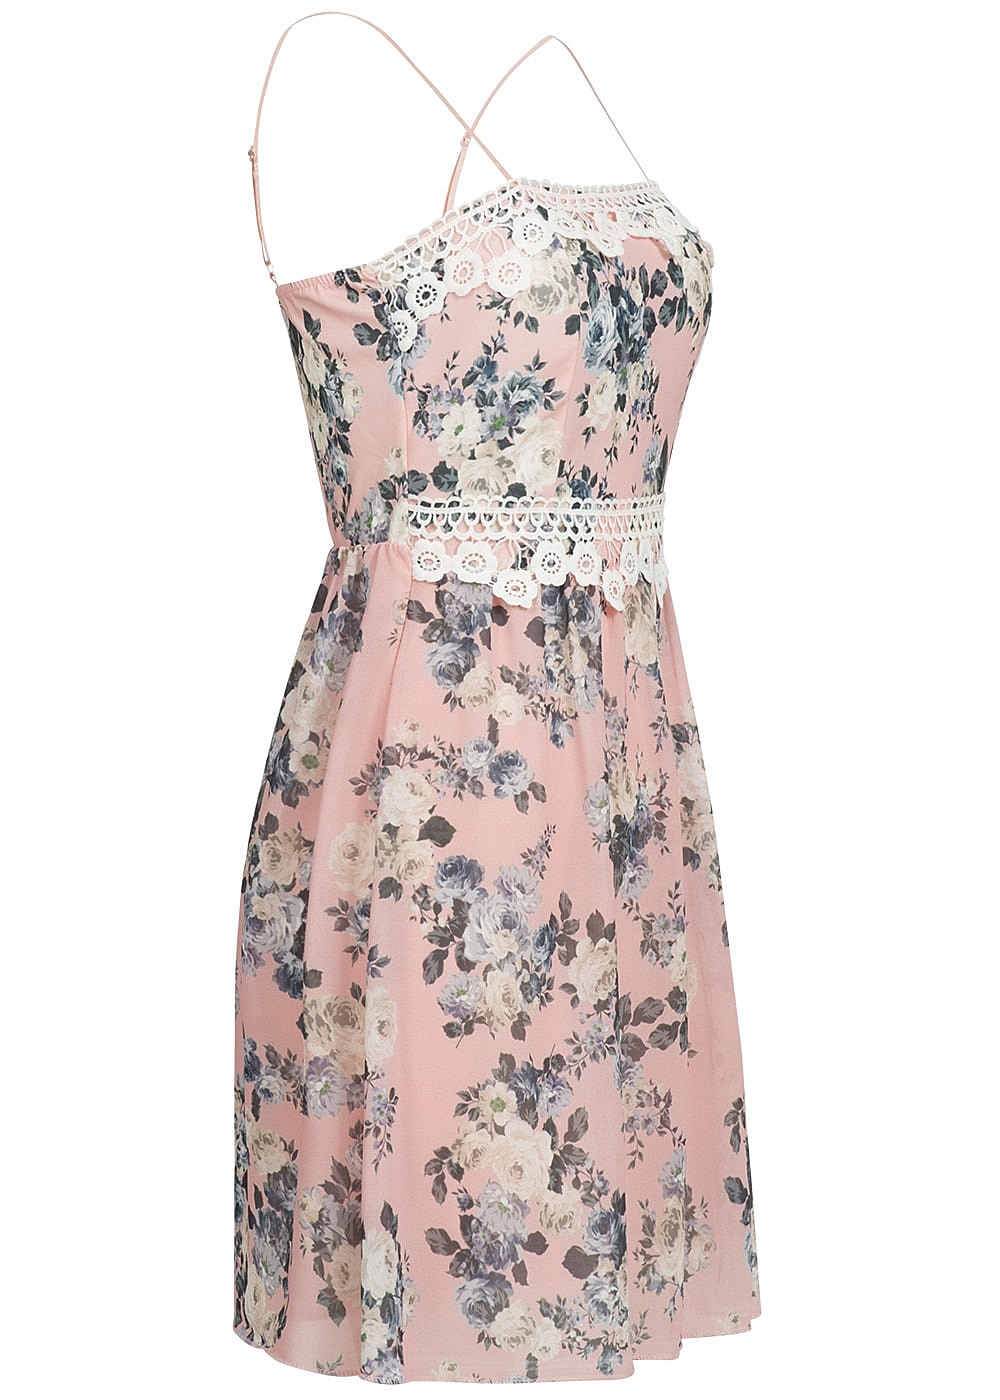 17 Perfekt Kleid Spitze Rosa Vertrieb13 Schön Kleid Spitze Rosa Vertrieb